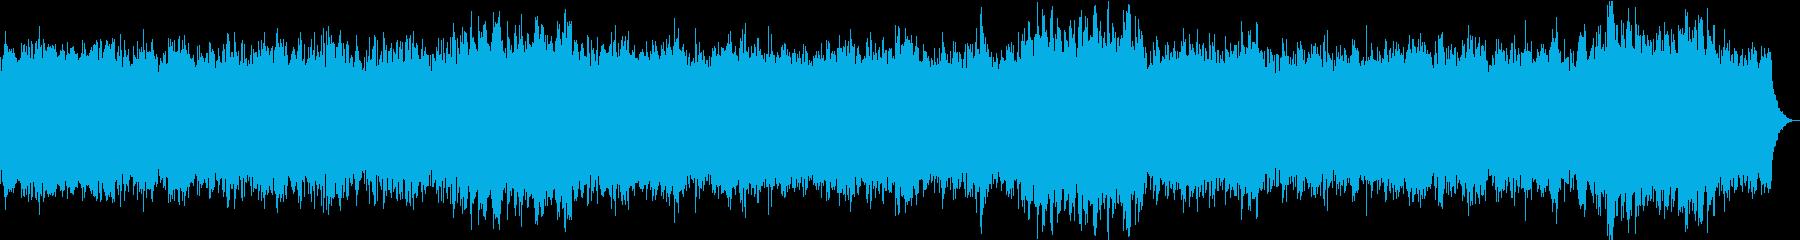 おだやかキラキラ/静かめカラオケの再生済みの波形